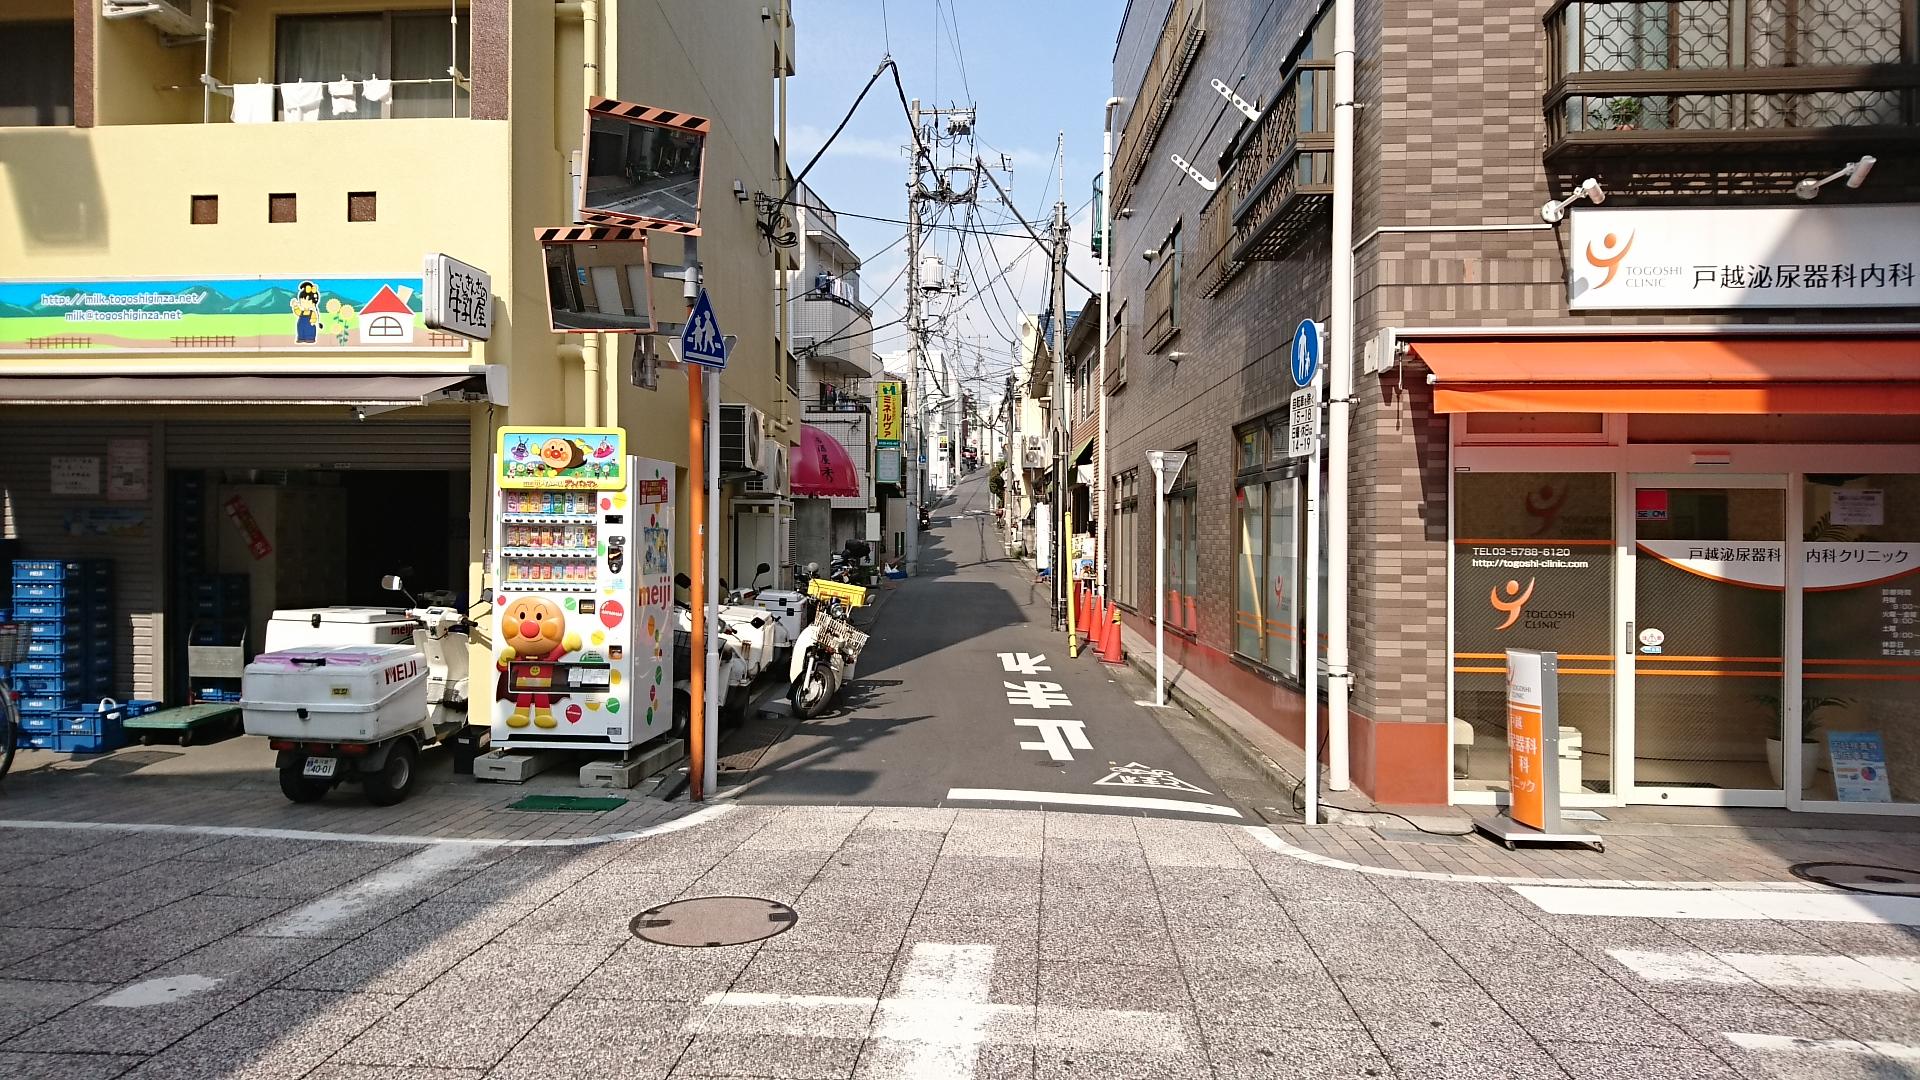 2017.10.12 東京 (82) 戸越銀座 - こみち(きた) 1920-1080